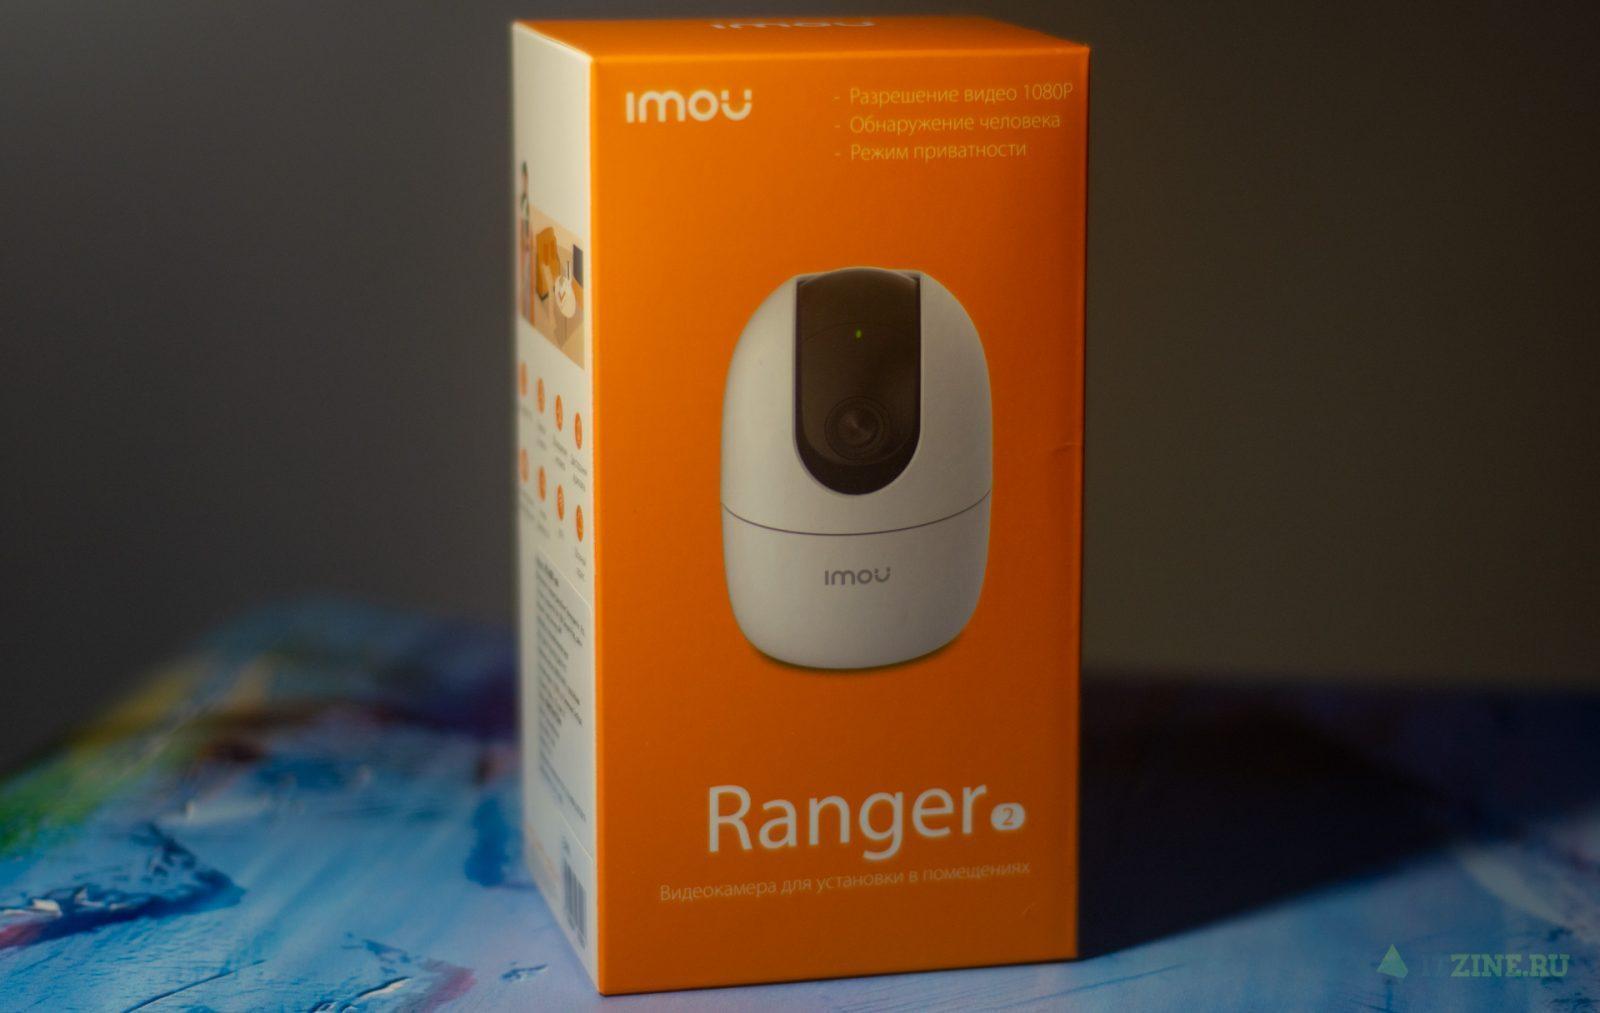 Обзор камеры IMOU Ranger 2. Дом под присмотром (Imou Ranger2 01)